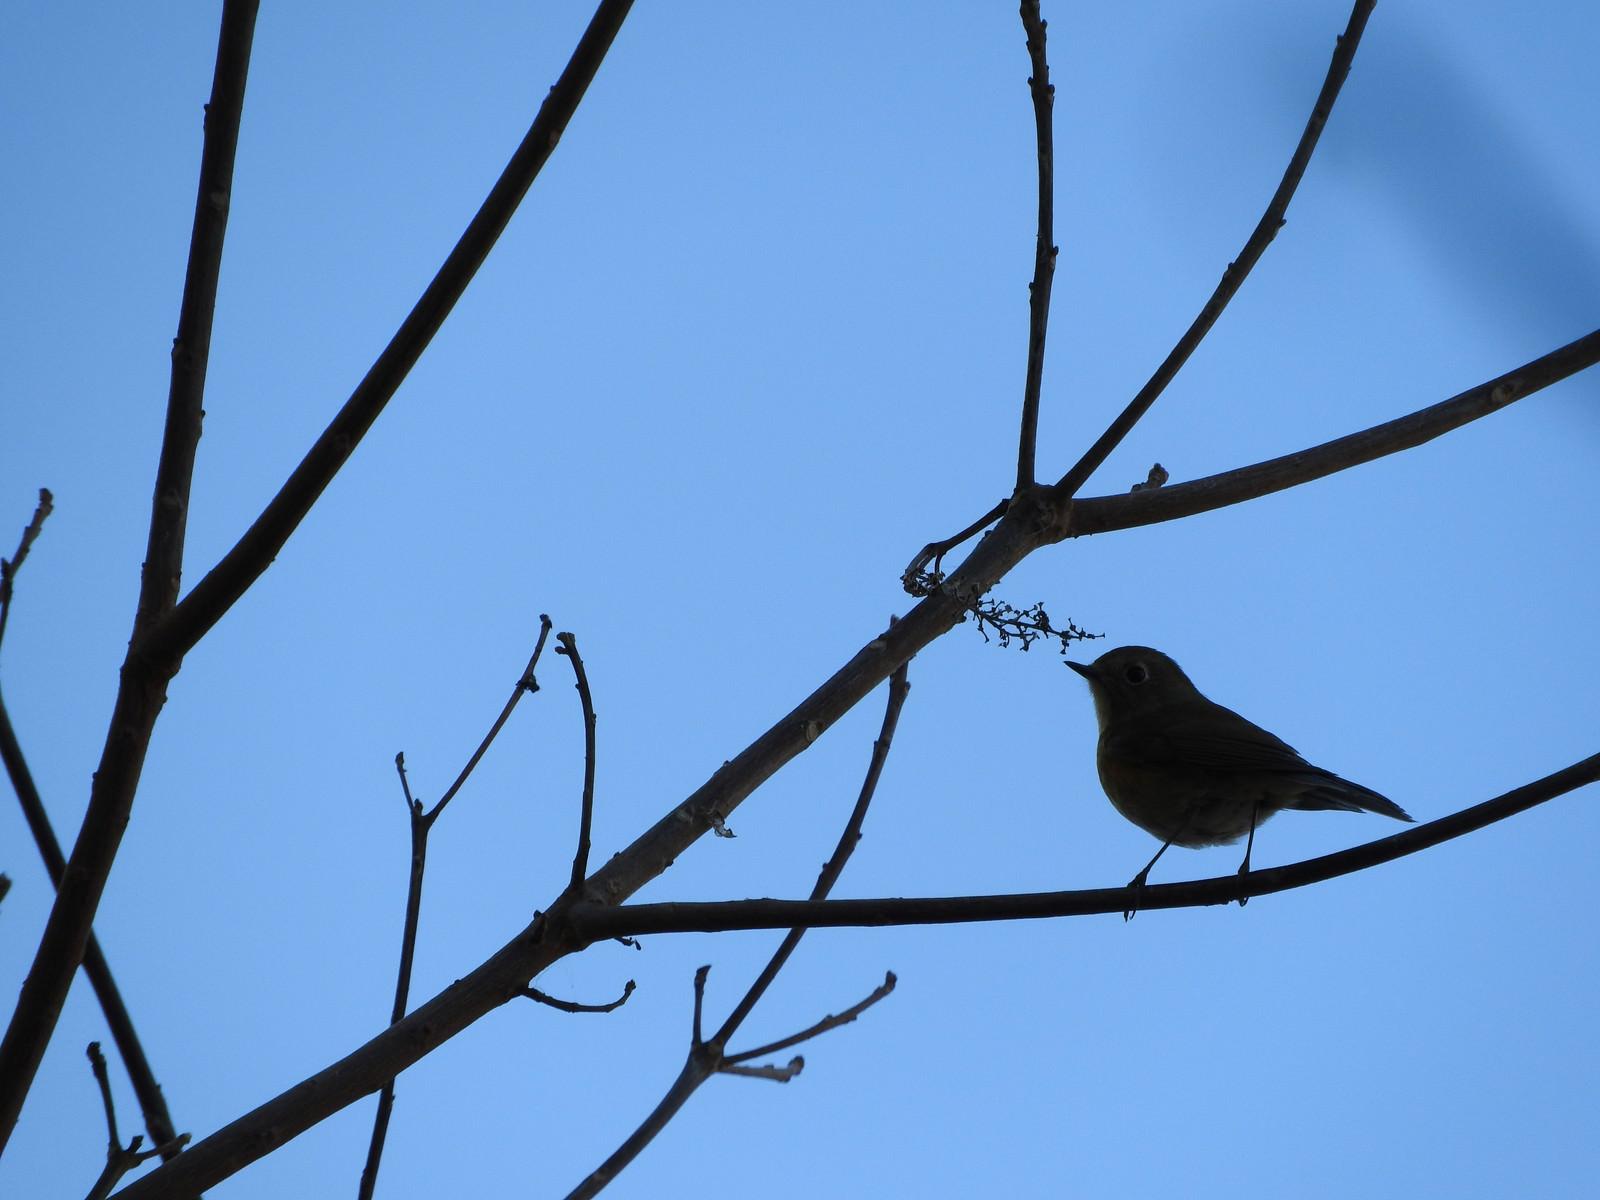 「枝に止まるメジロのシルエット」の写真